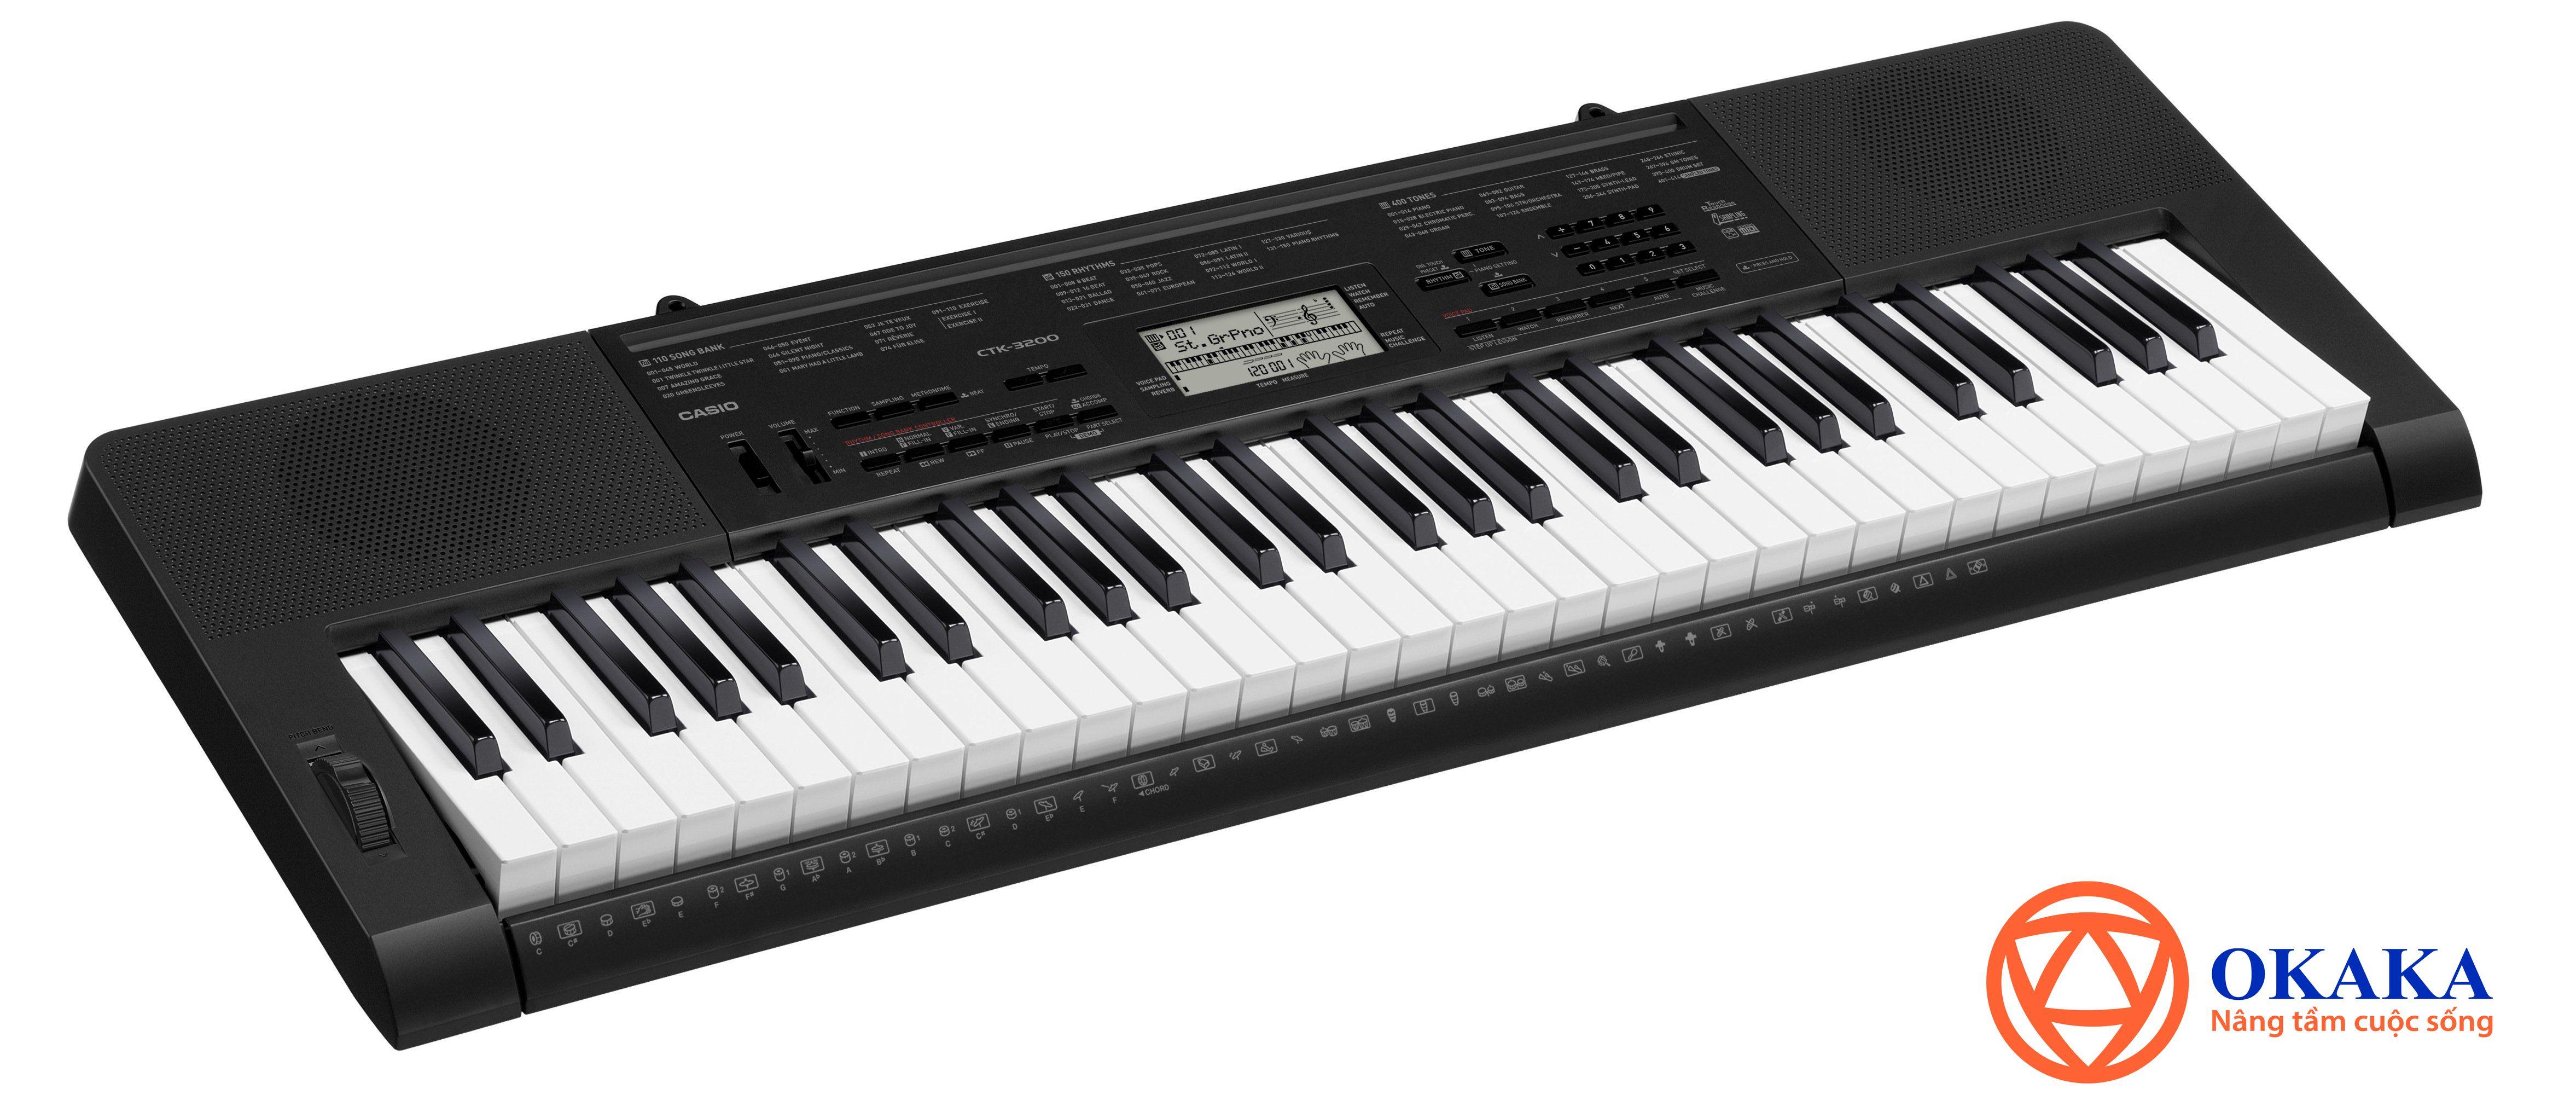 """Hiếm có một cây đàn organ cho người mới học nào có nhiều tính năng cần thiết mà giá lại cực """"hạt dẻ"""" như đàn organ Casio CTK-3200. Phải nói đây là cơ hội.."""